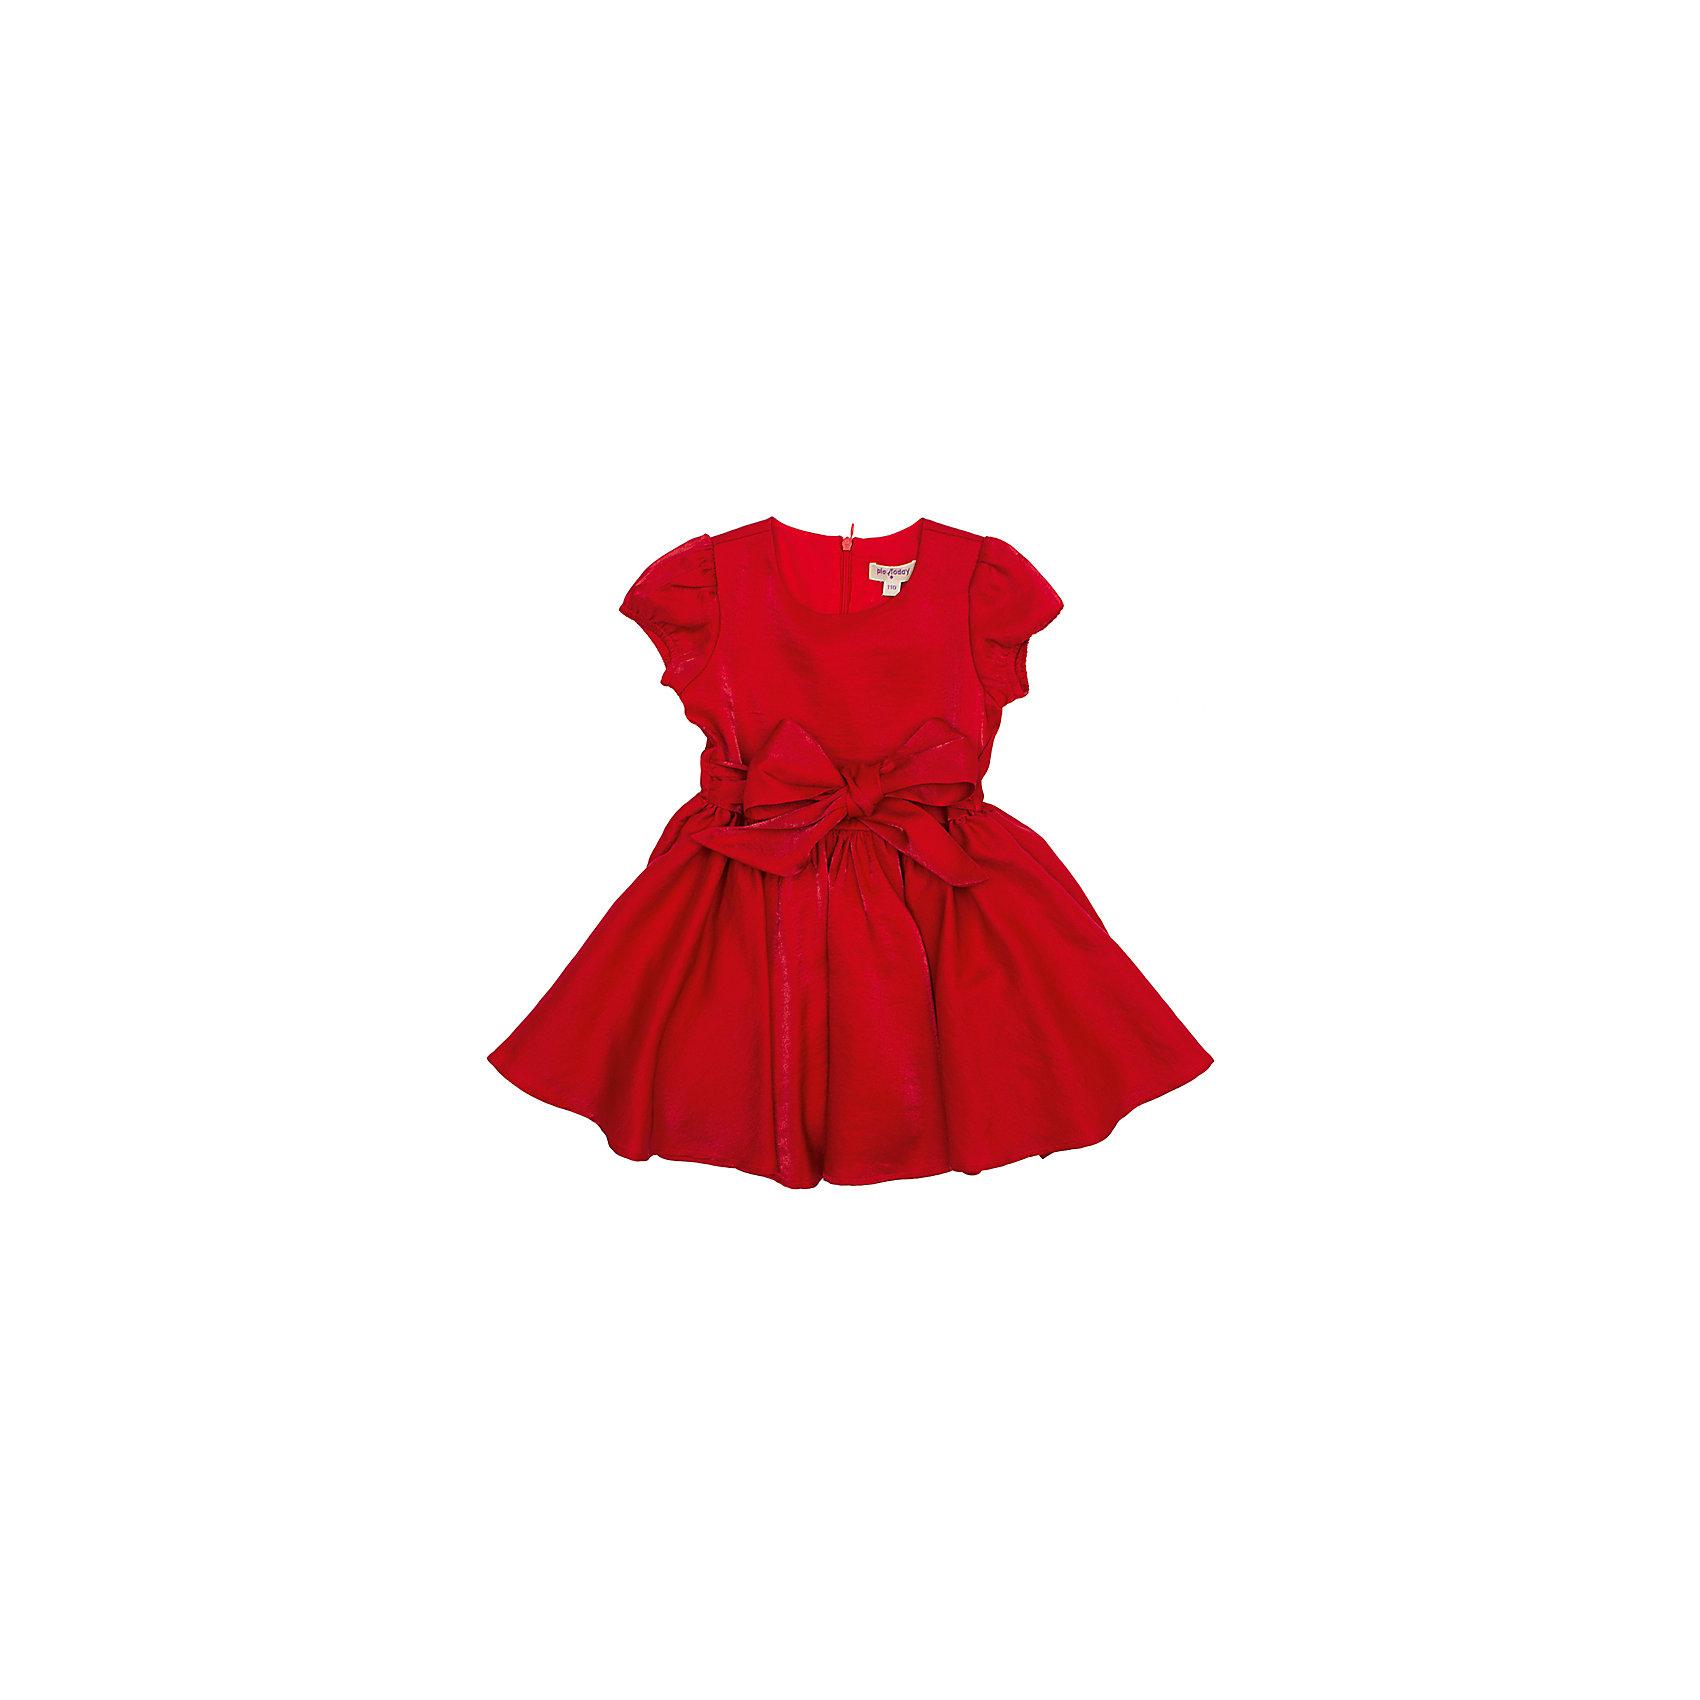 Платье PlayTodayПлатье PlayToday. <br>Состав: верх: 70% вискоза, 30% нейлон, подкладка: 100% хлопок <br><br>*атласное платье <br>*пышная юбка <br>*атласный широкий пояс<br>*застежка - потайная молния<br><br>Ширина мм: 236<br>Глубина мм: 16<br>Высота мм: 184<br>Вес г: 177<br>Цвет: красный<br>Возраст от месяцев: 60<br>Возраст до месяцев: 72<br>Пол: Женский<br>Возраст: Детский<br>Размер: 116,98,104,128,122,110<br>SKU: 3892866